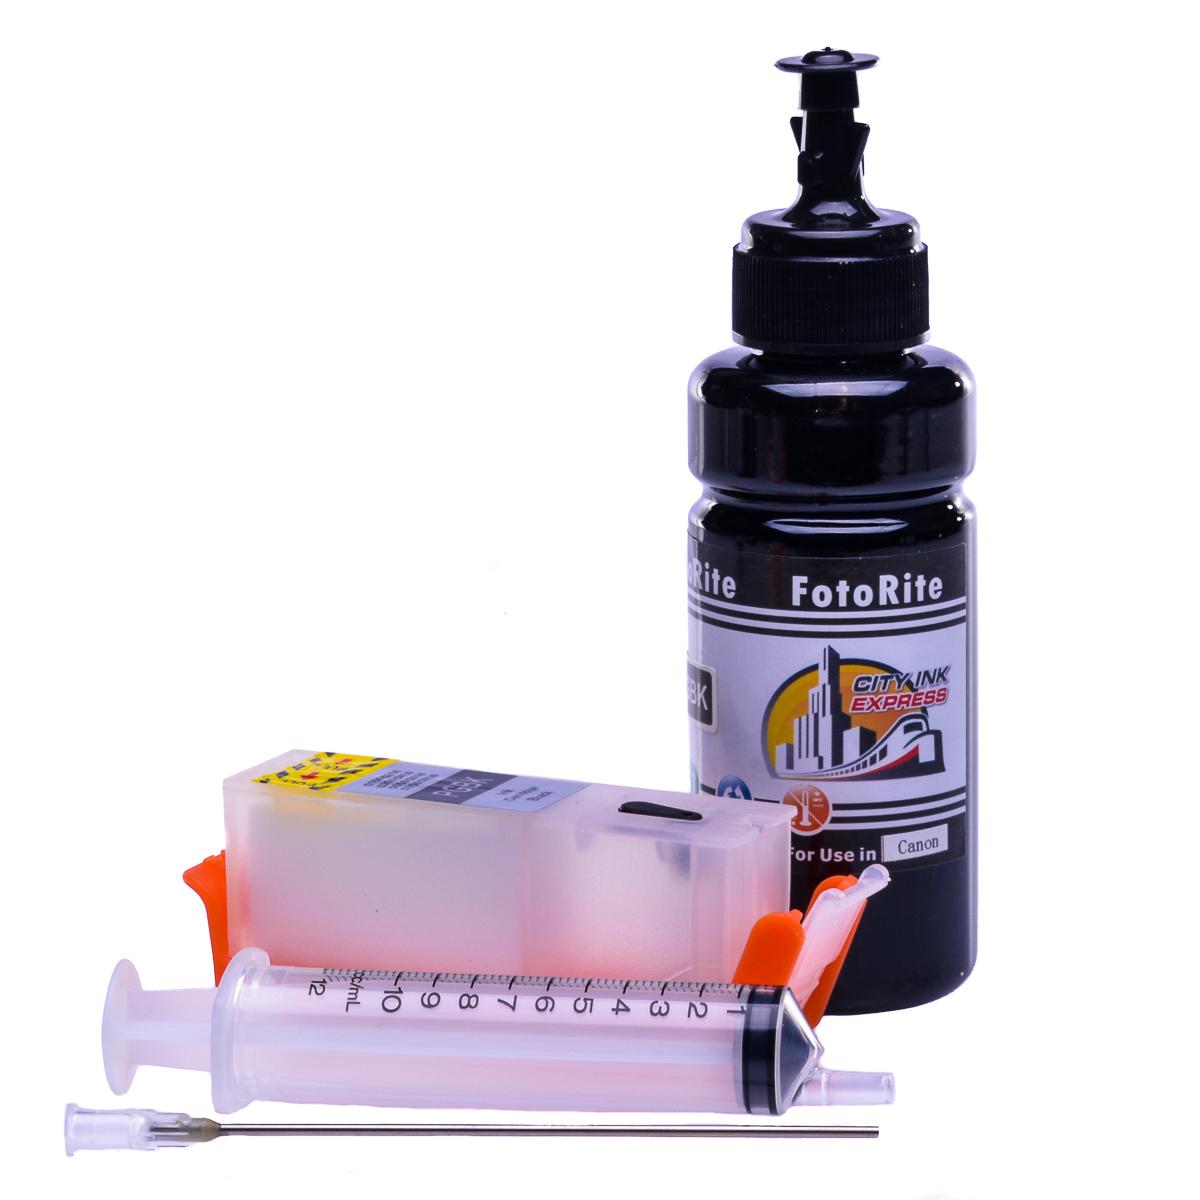 Refillable pigment Cheap printer cartridges for Canon Pixma MG5650 6496B001 PGI-550PGBK Pigment Black